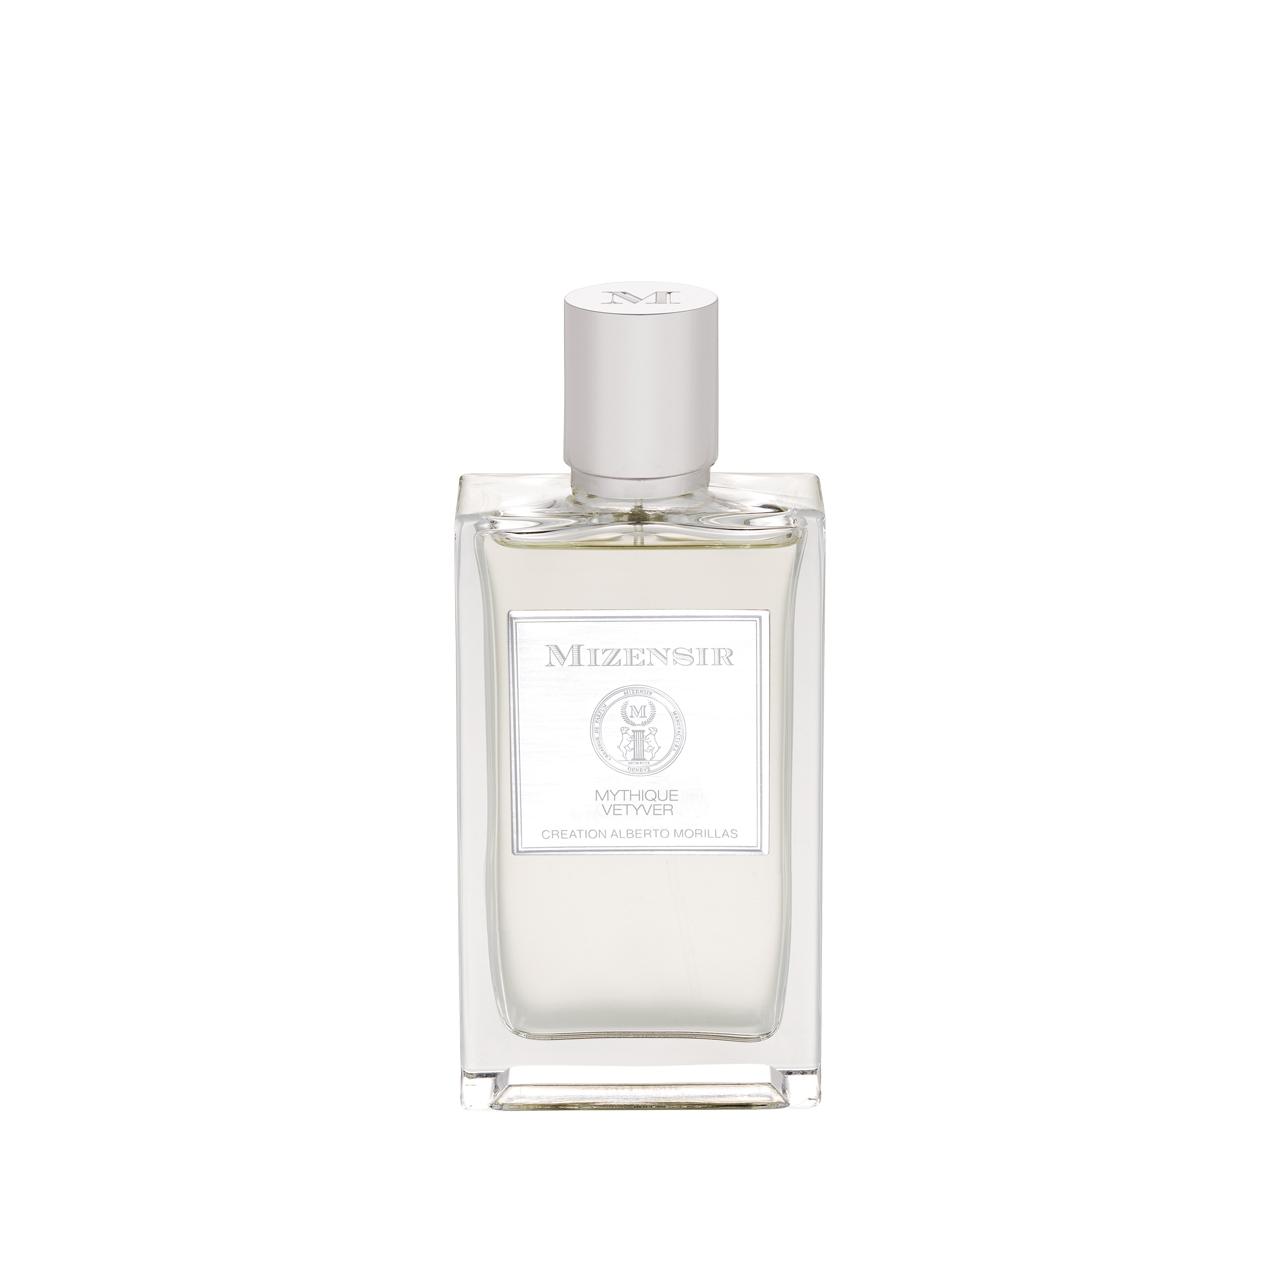 Mythique Vetyver - Eau de Parfum